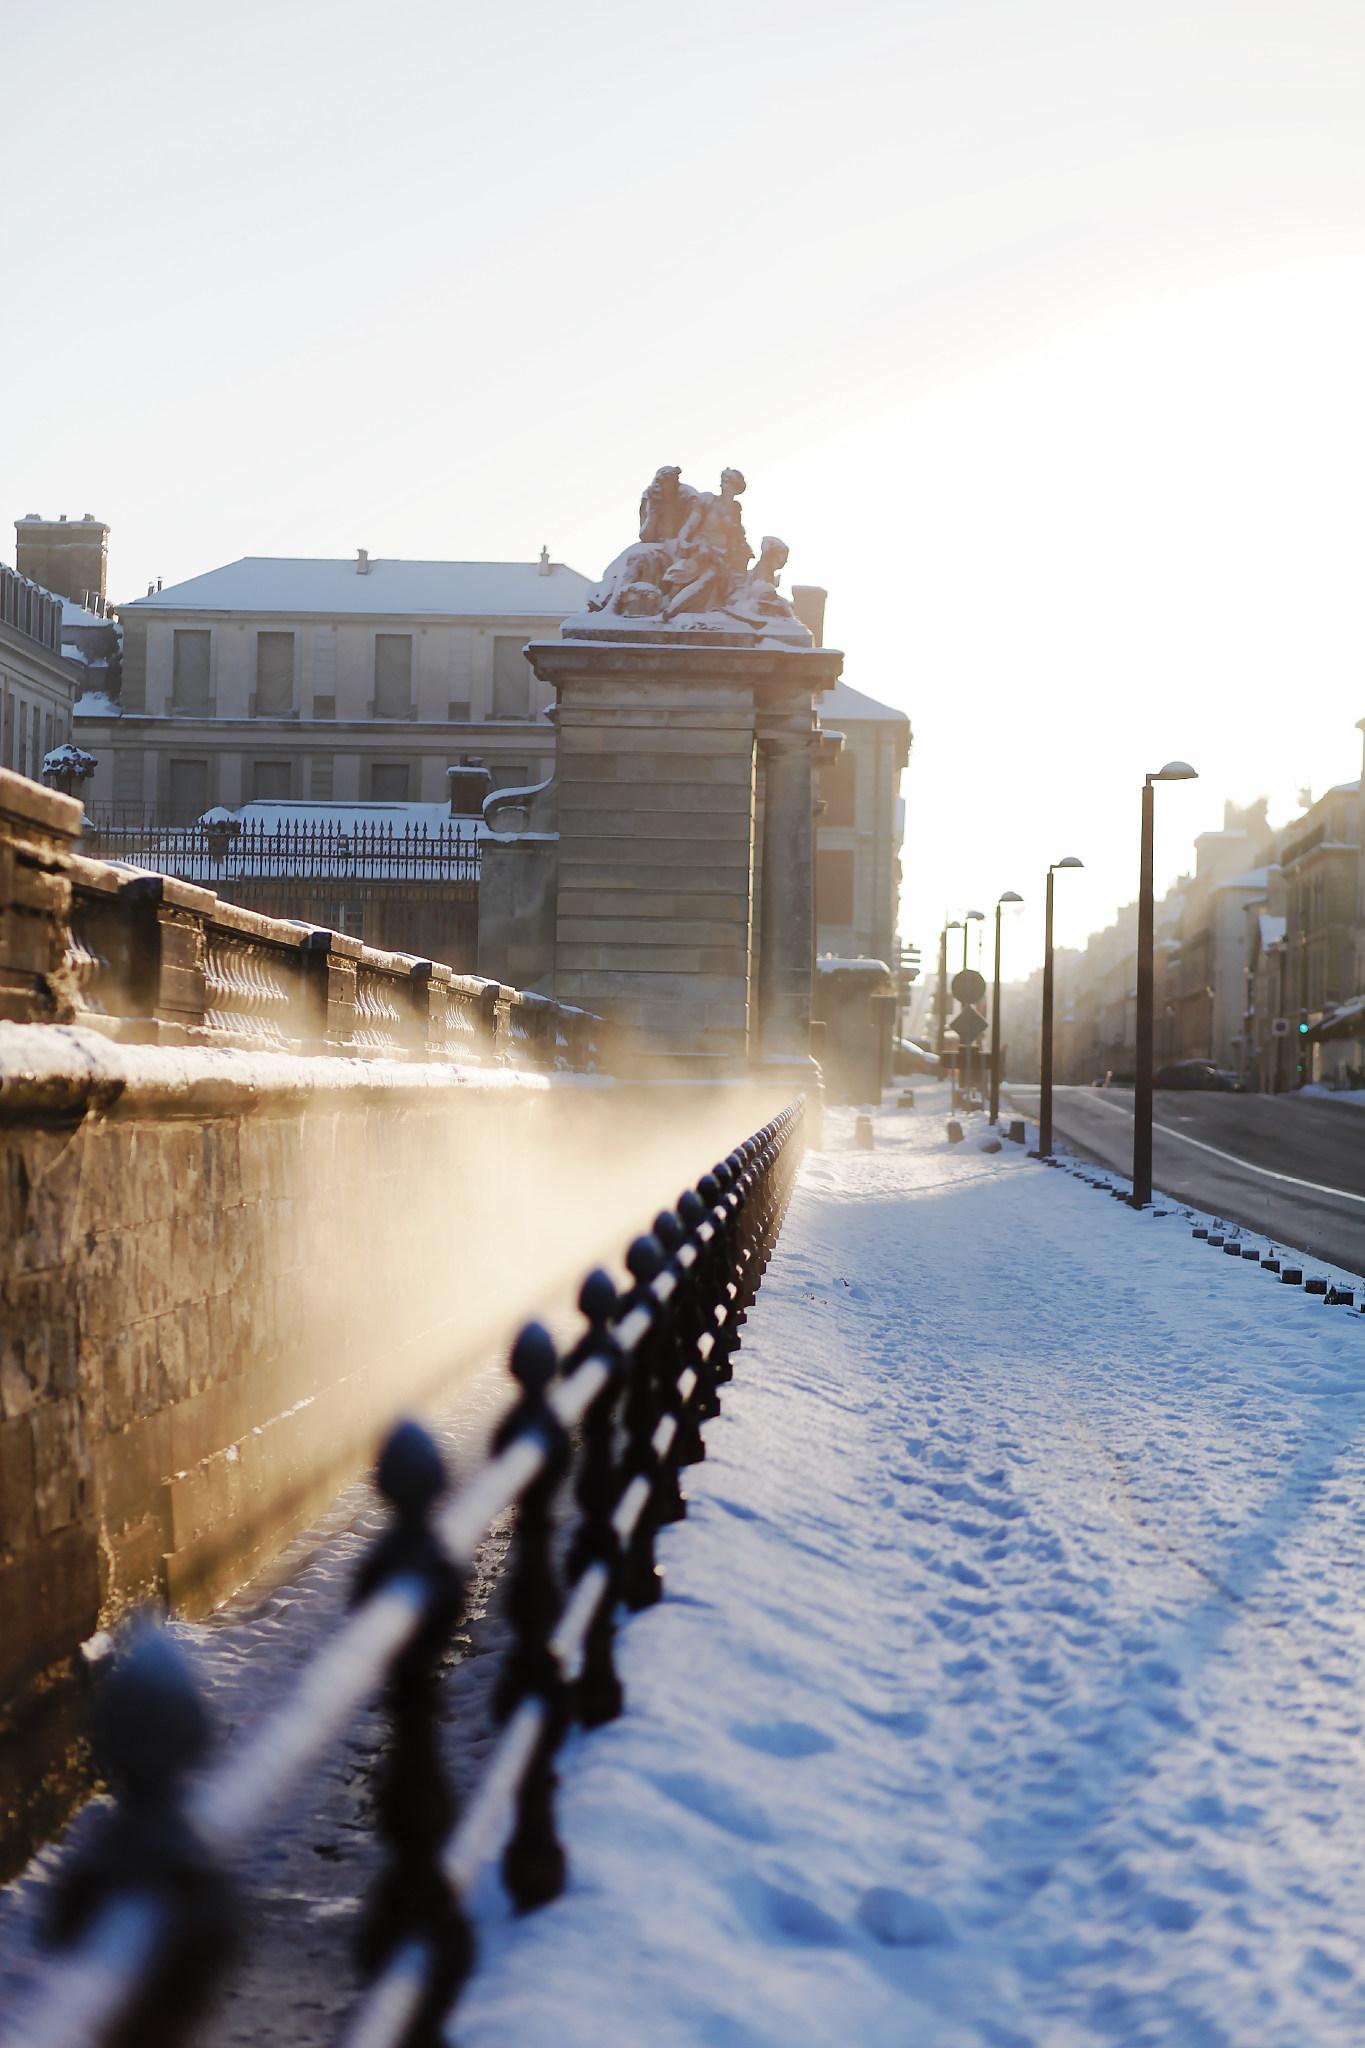 VERSAILLES SNOW LES INDISPENSABLES PARIS (20).jpg